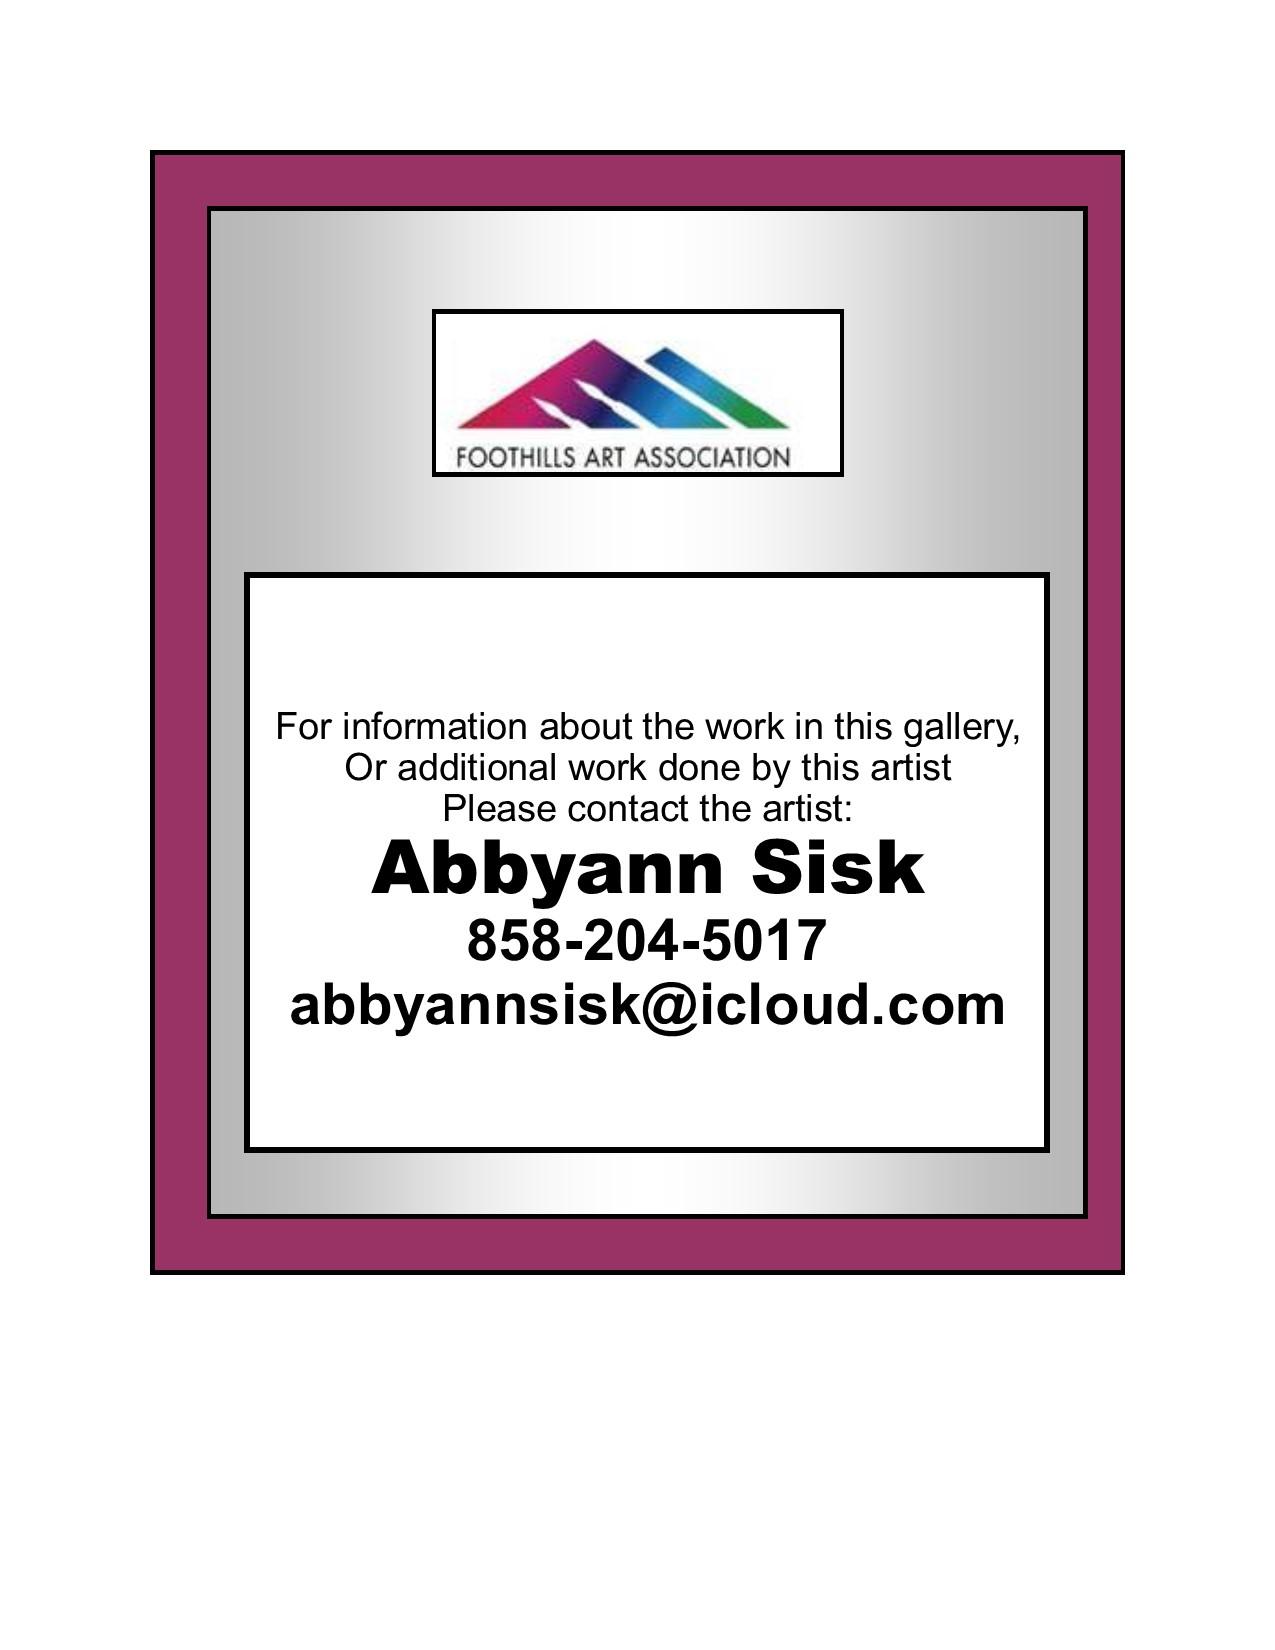 Abbyann Sisk Contact Info